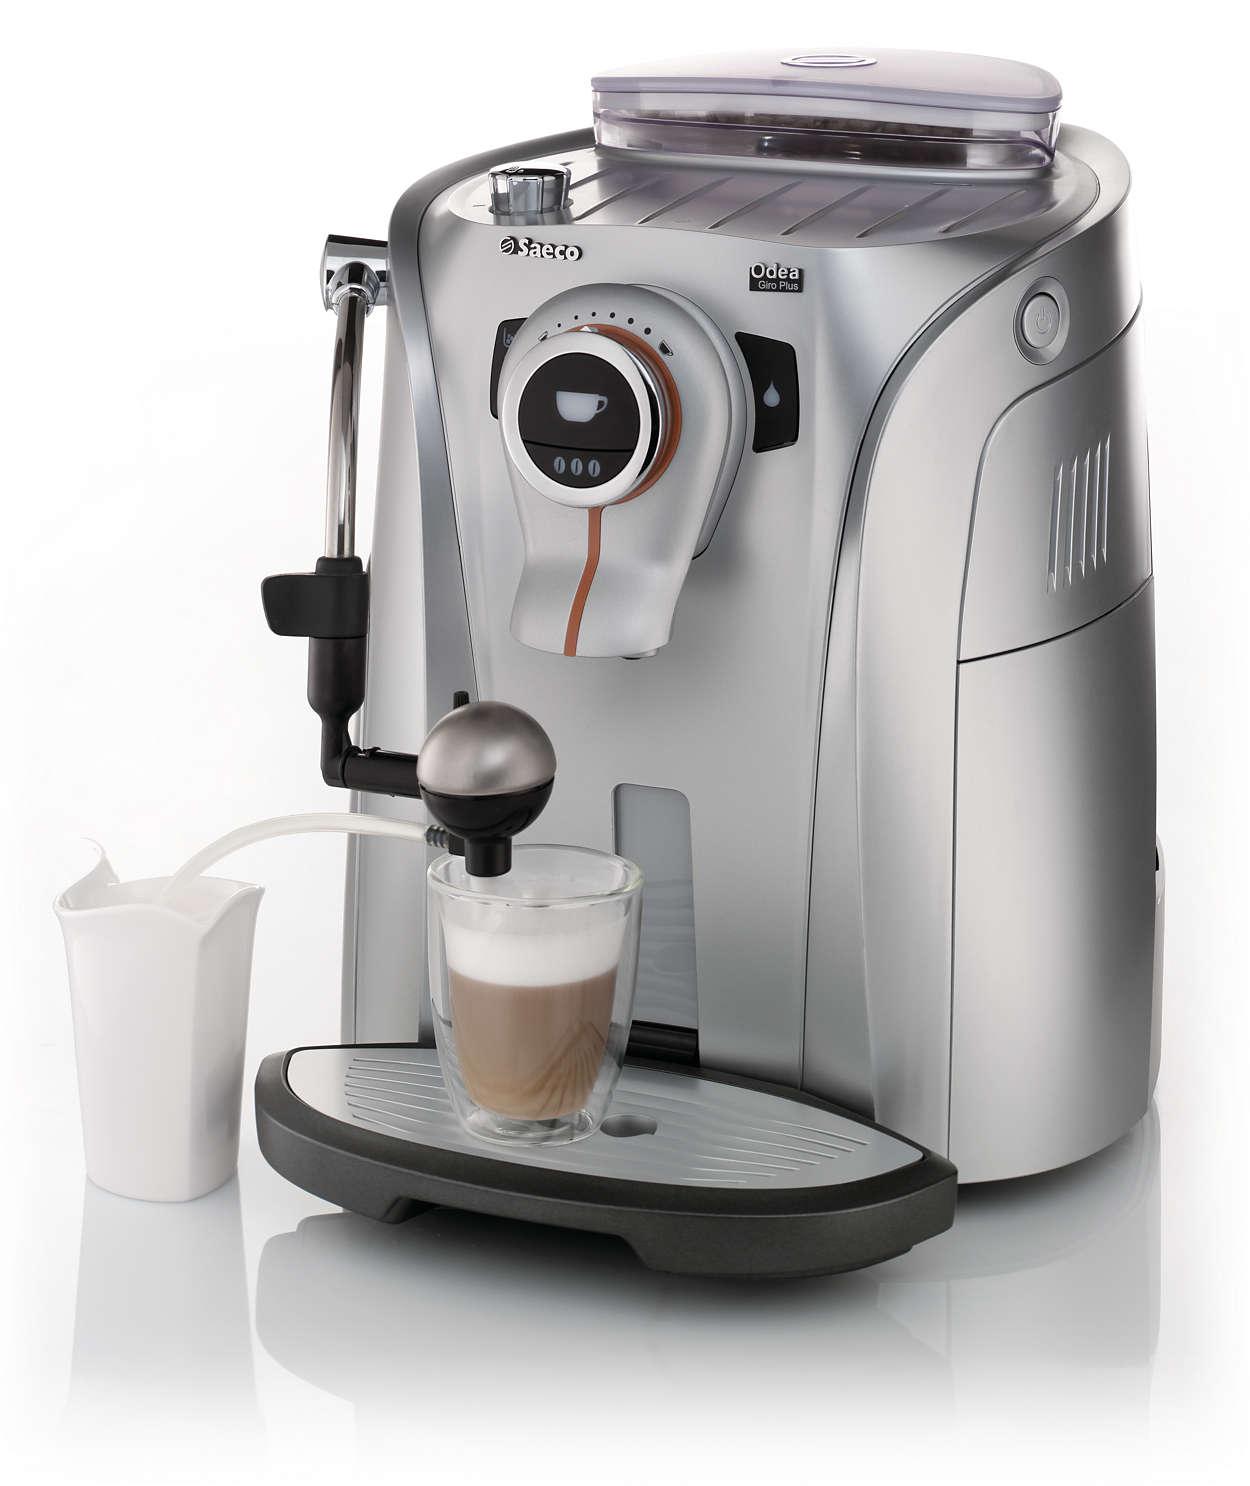 odea super automatic espresso machine ri9757 47 saeco. Black Bedroom Furniture Sets. Home Design Ideas